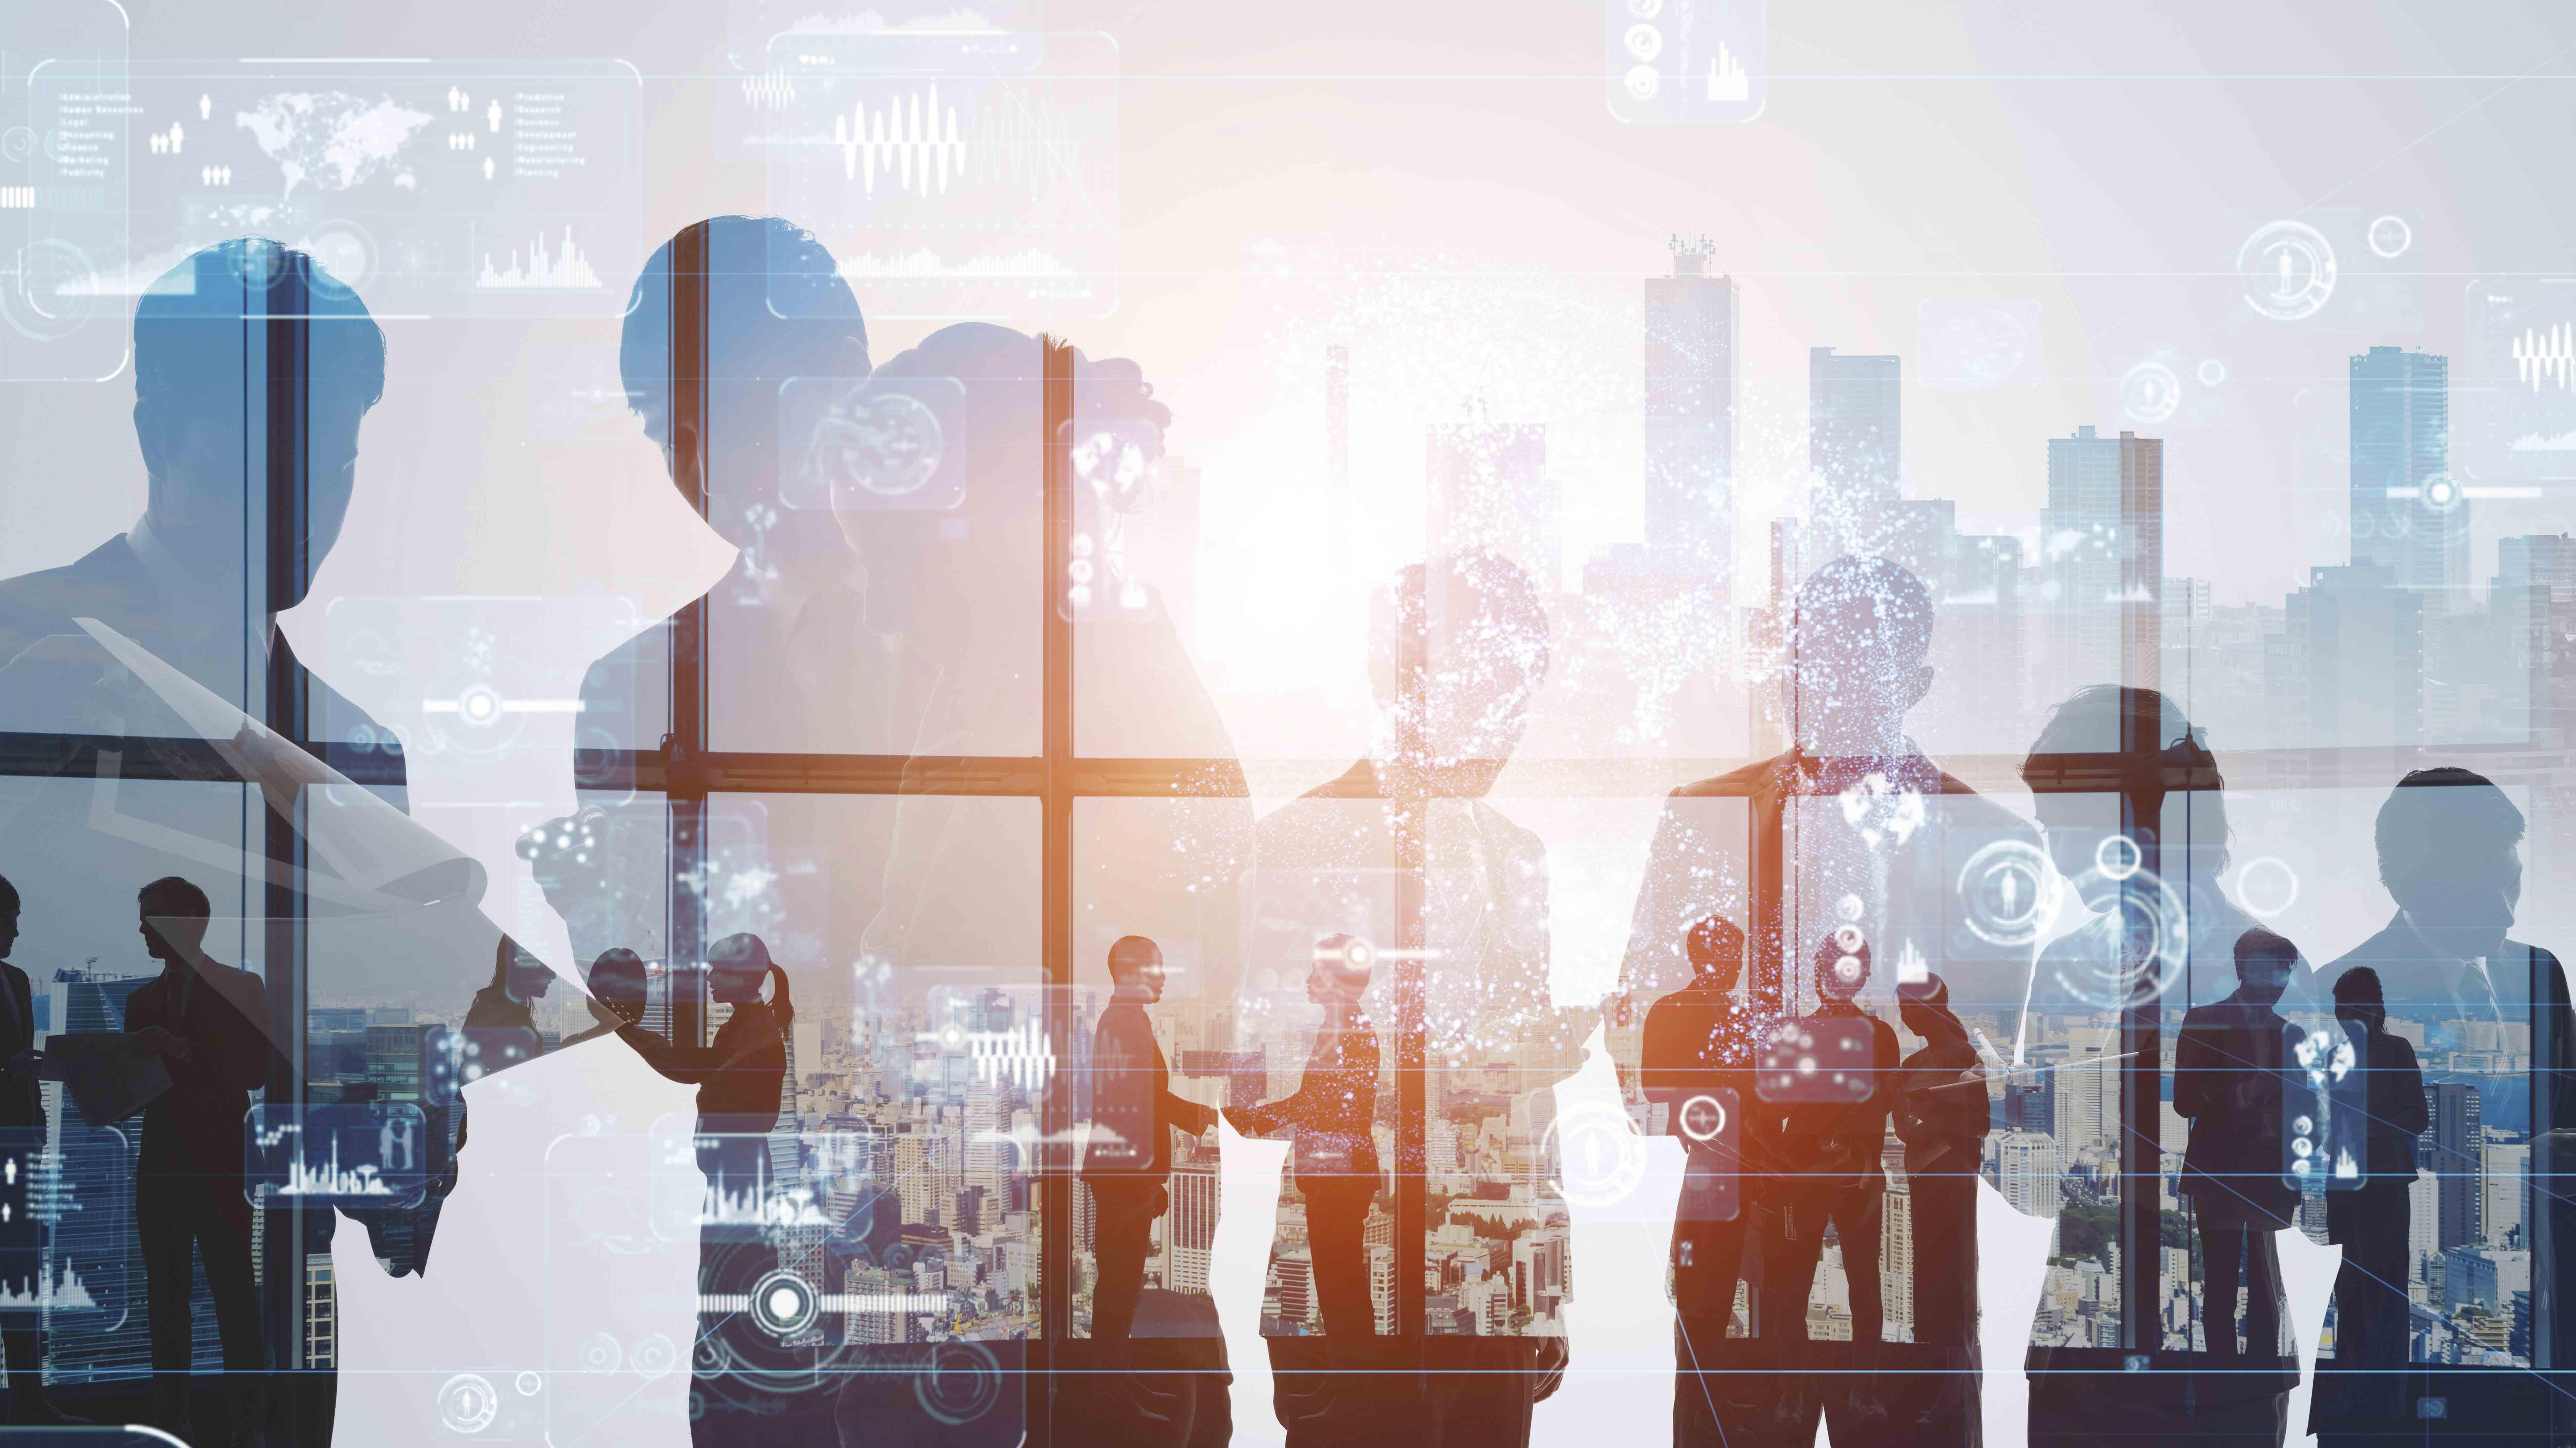 el-uso-de-la-tercerizacion-laboral-seria-mas-restringido-para-las-empresas